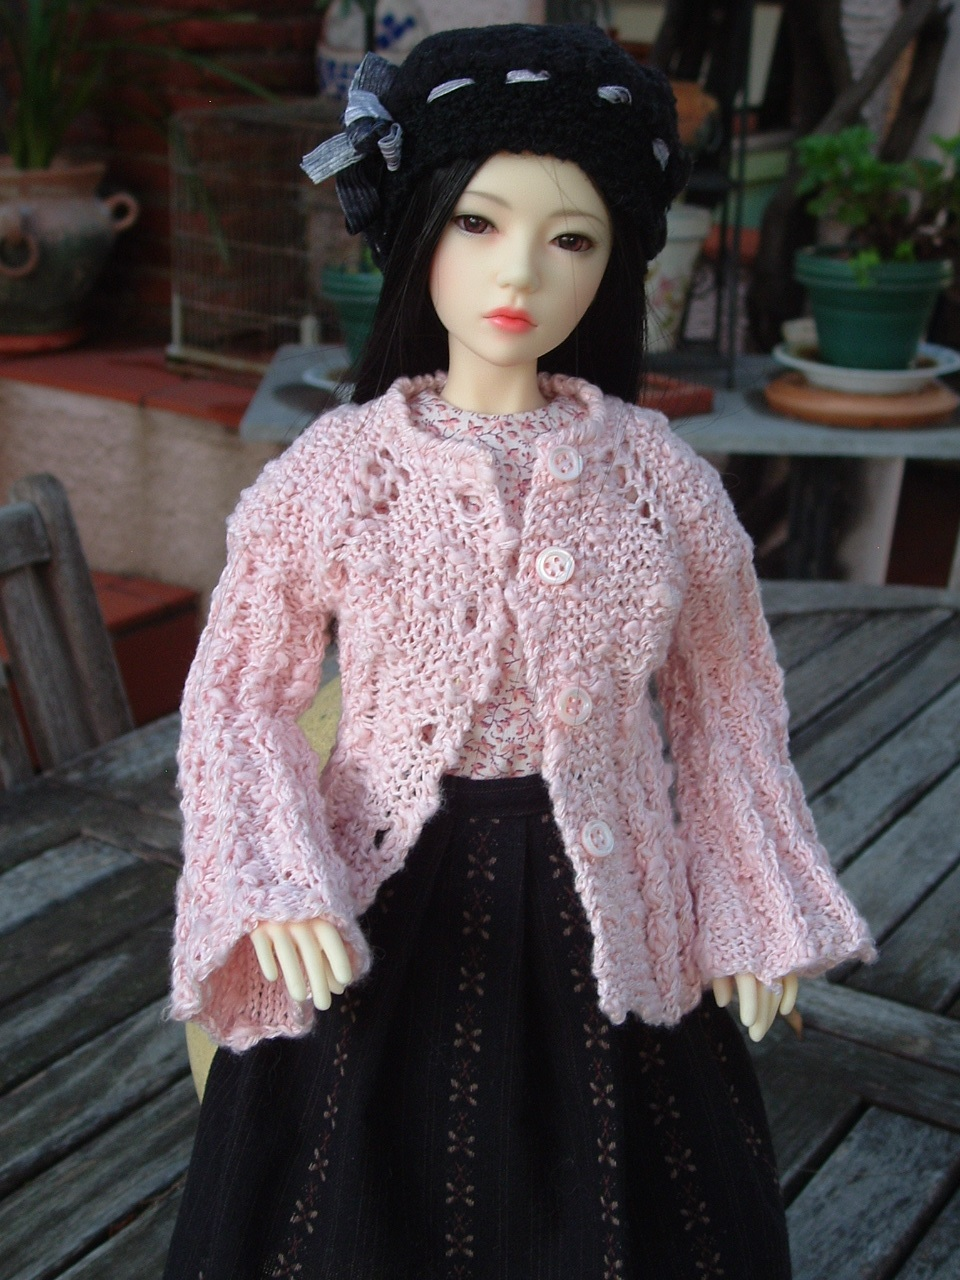 Je vous présente Mitsuko, ma belle Asa - première robe p 2 - autre tenue p 3 - Page 3 Dscf0446